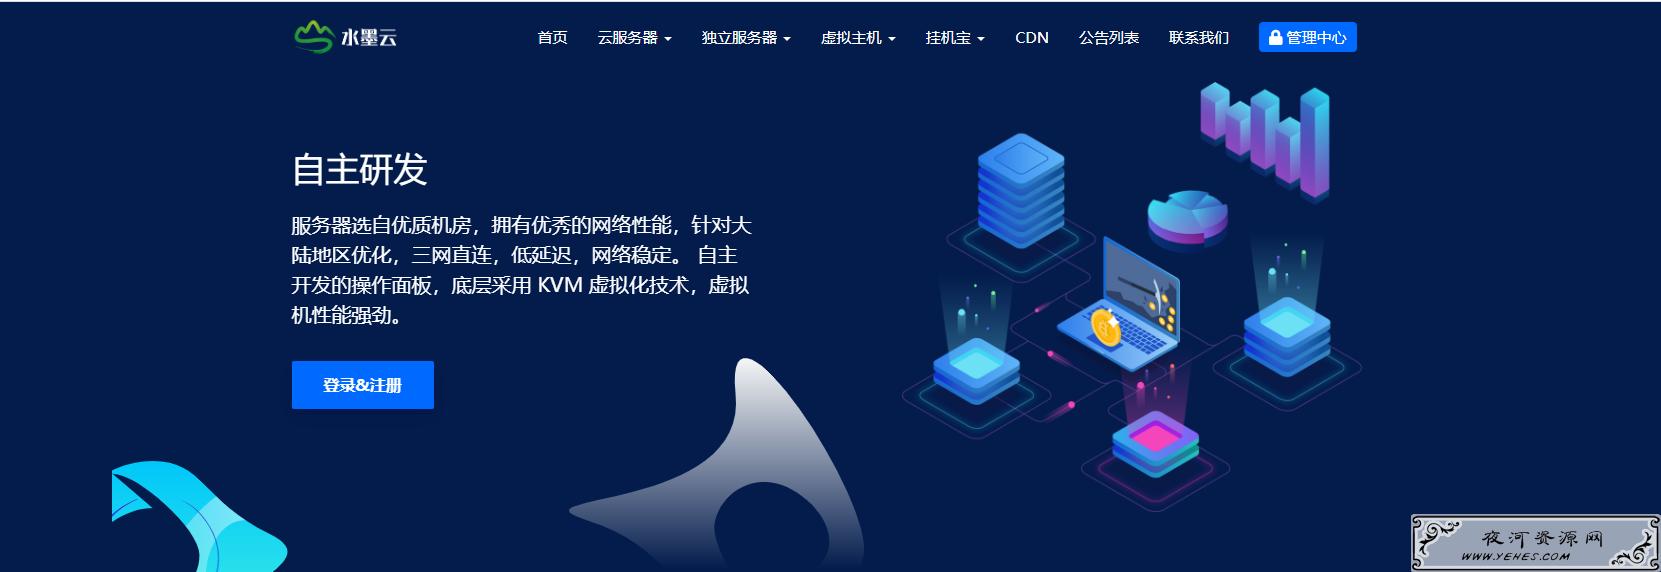 水墨云五一促销香港cn2/美国cn2线路vps低至¥22/月起(2核1G),香港美国100M独享服务器799元/月起